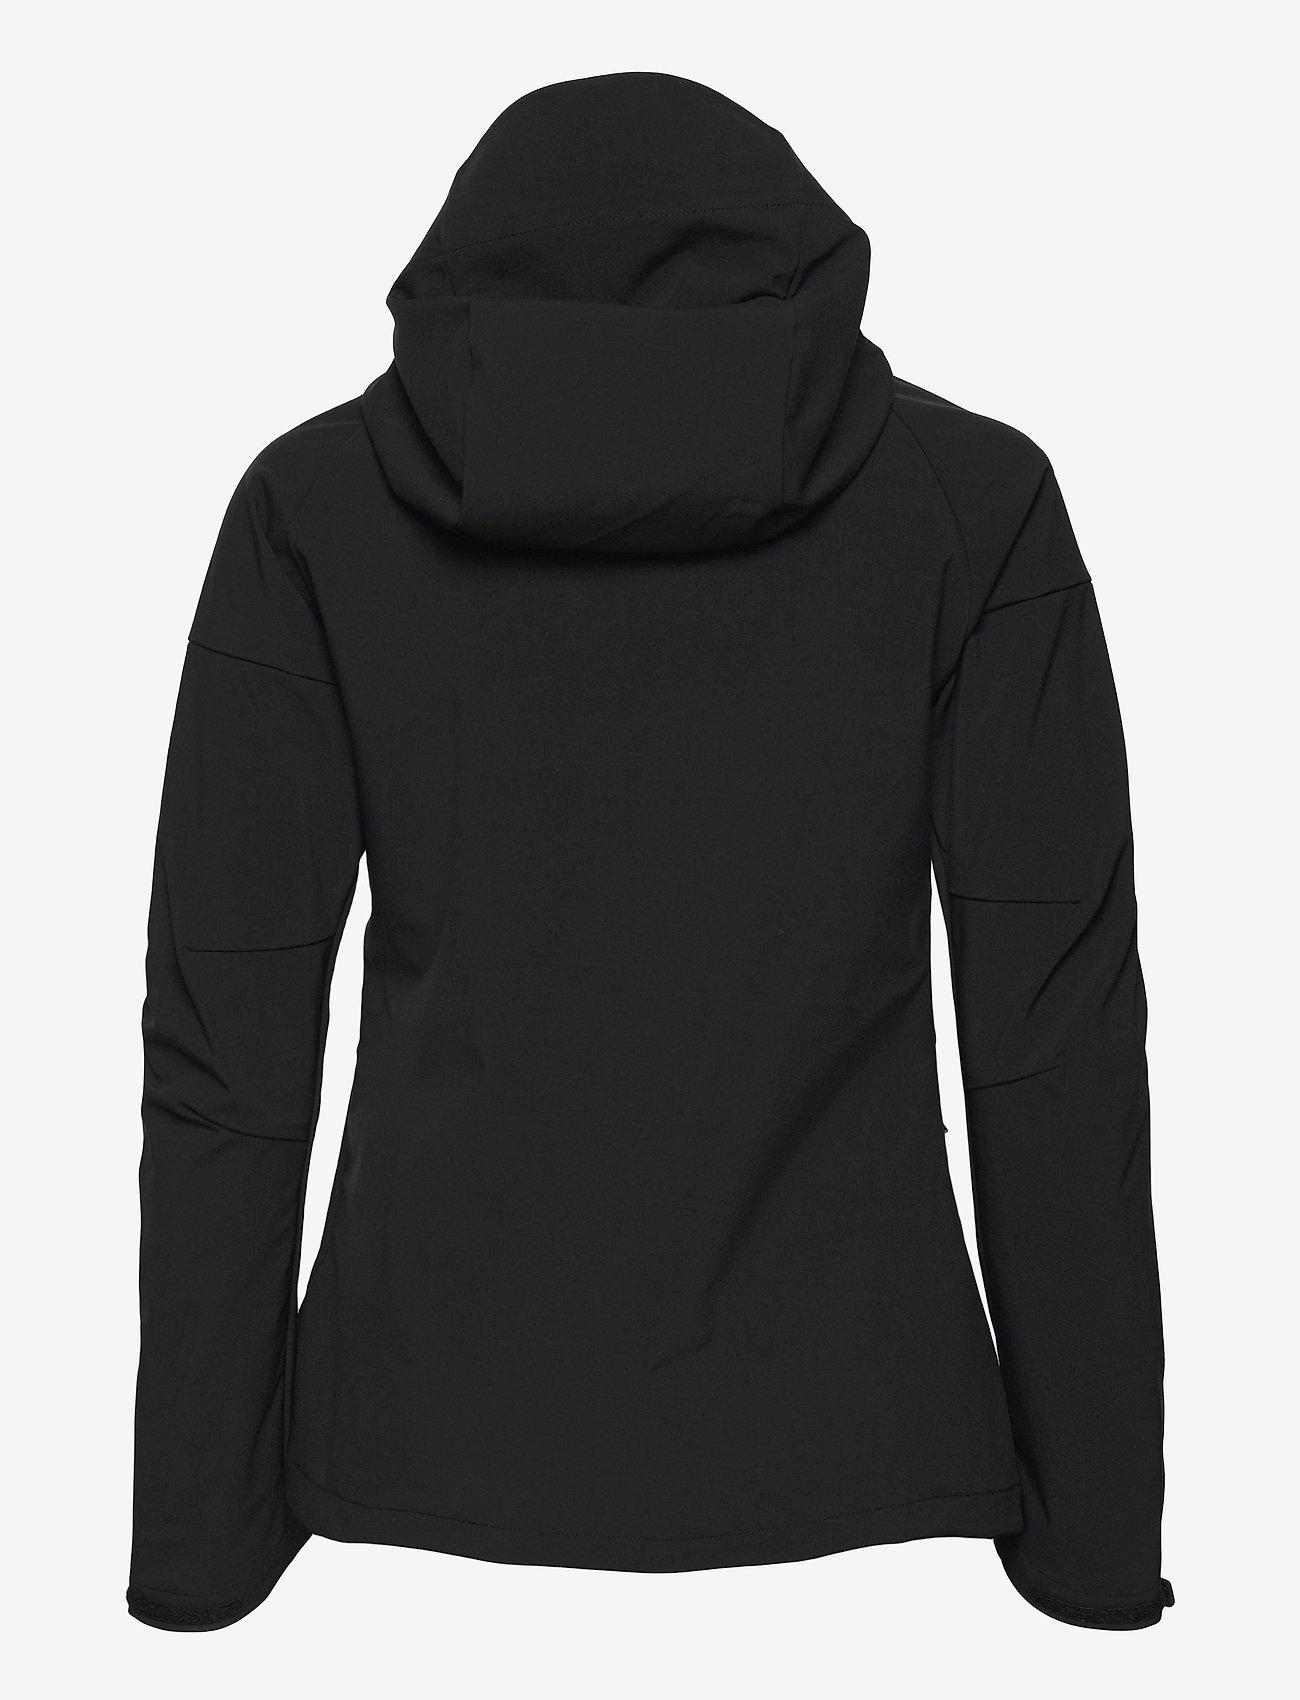 Peak Performance - W Adventure Hood Jacket - ulkoilu- & sadetakit - black - 1